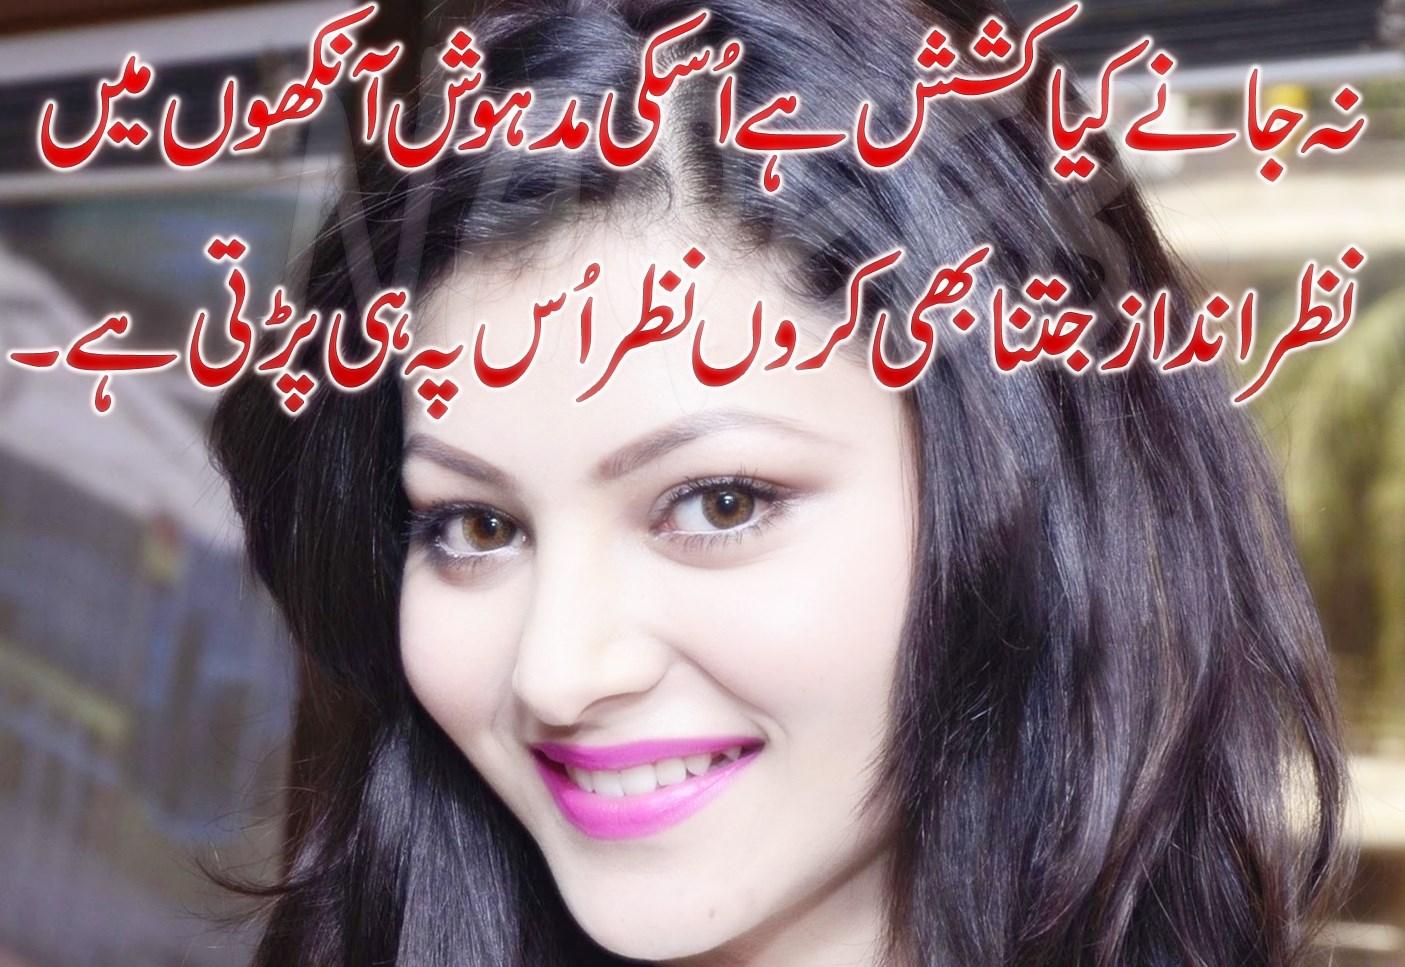 Poetry Aankhein Urdu Poetry For Beautiful Eyes